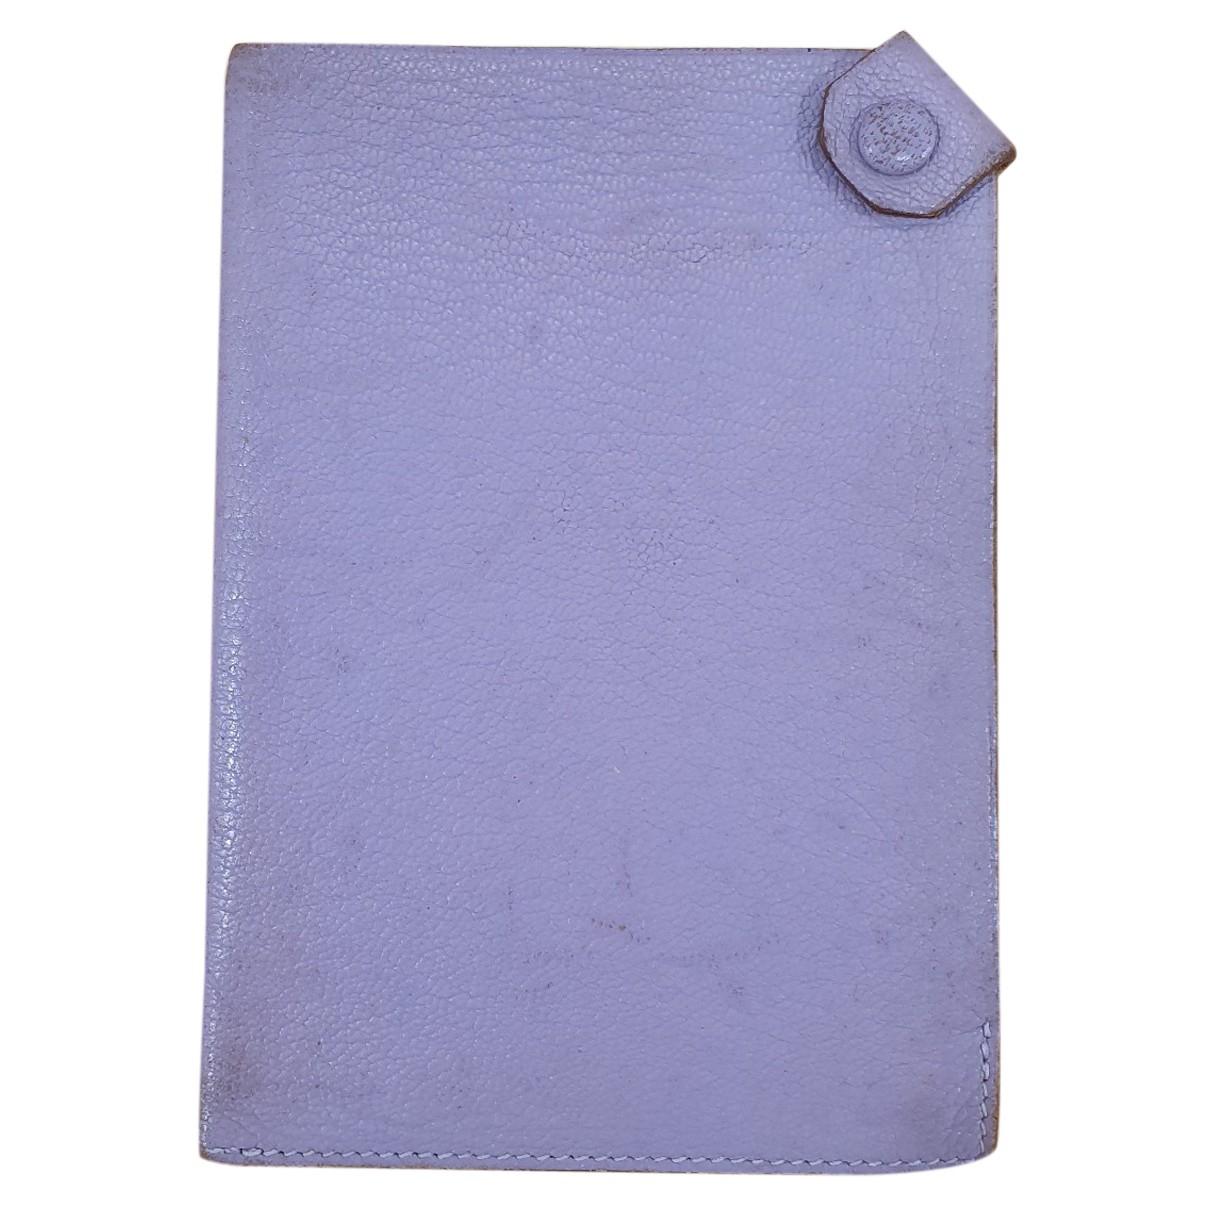 Hermes - Petite maroquinerie Tarmac pour femme en cuir - violet